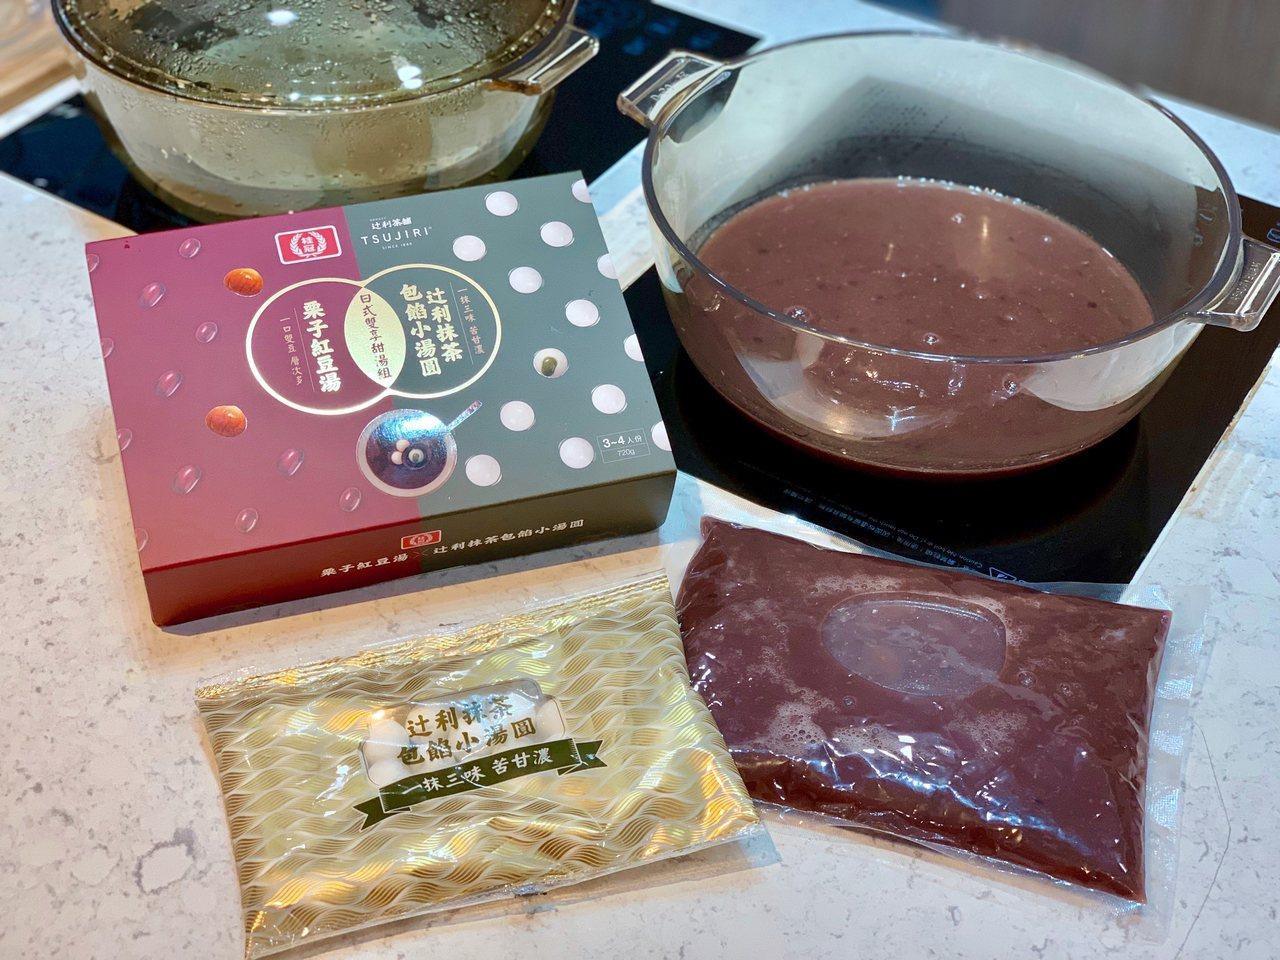 「辻利日式雙享甜湯組」附上加熱即食的「栗子紅豆湯」定價245元。記者張芳瑜/攝影